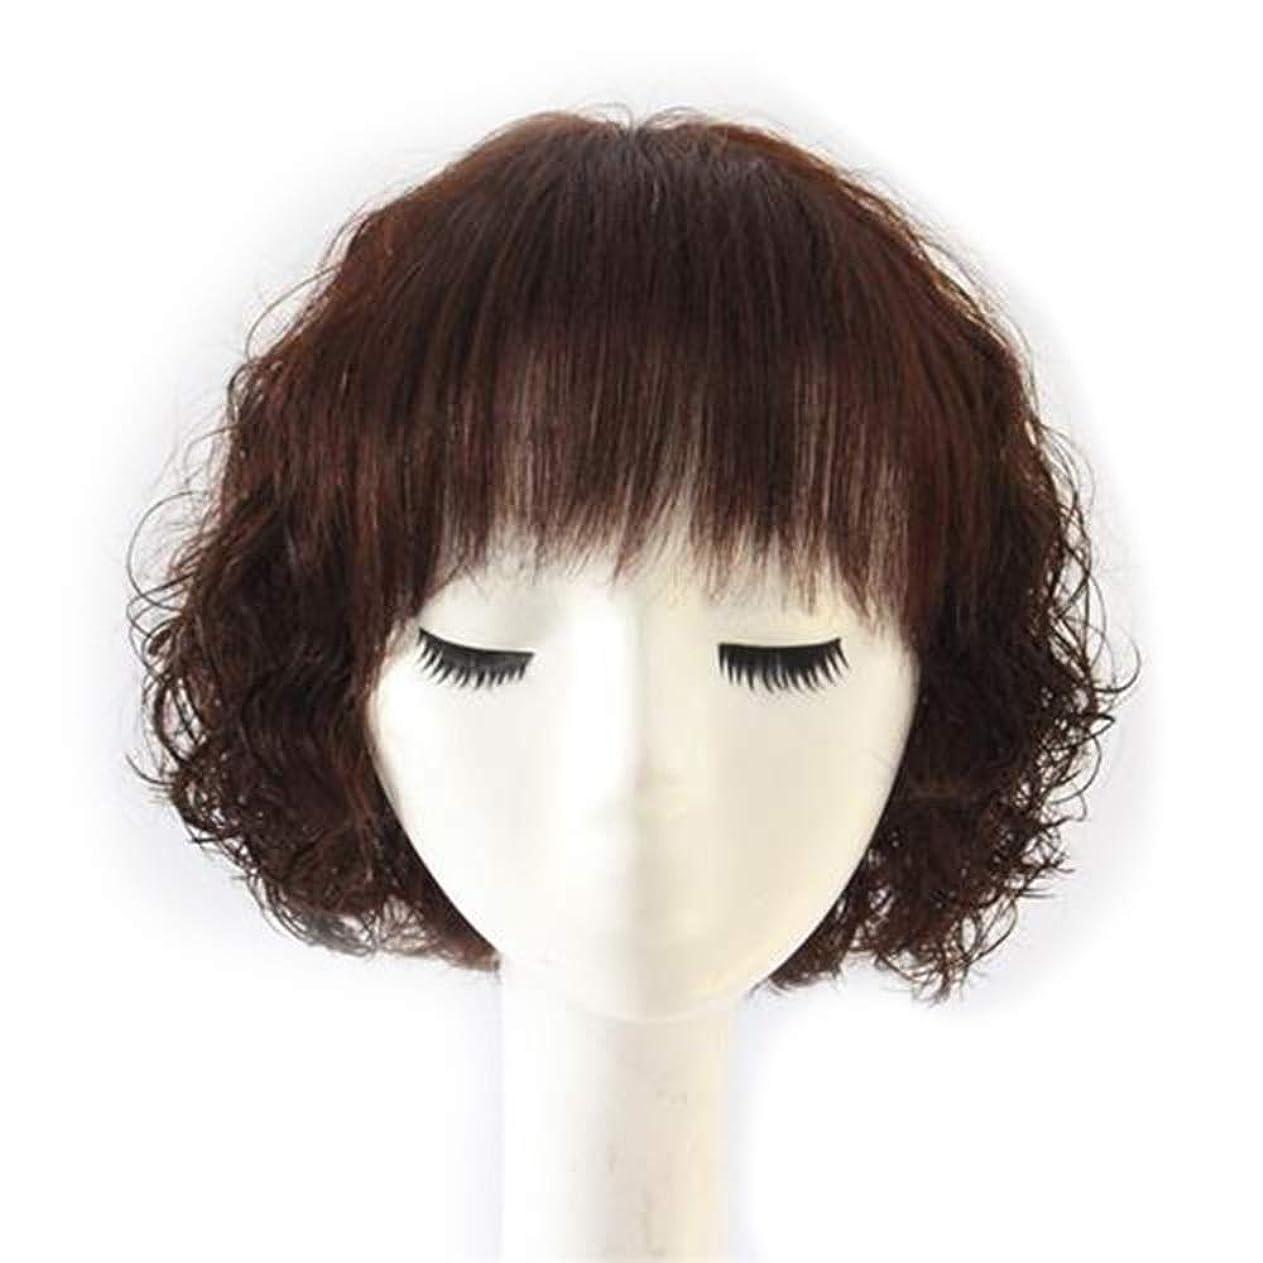 行き当たりばったり経過ガードYrattary 女性のためのフルリアルヘアウィッグショートカーリーヘアーナチュラルリアルマザーヘアーウィッグファッションウィッグ (Color : Dark brown)